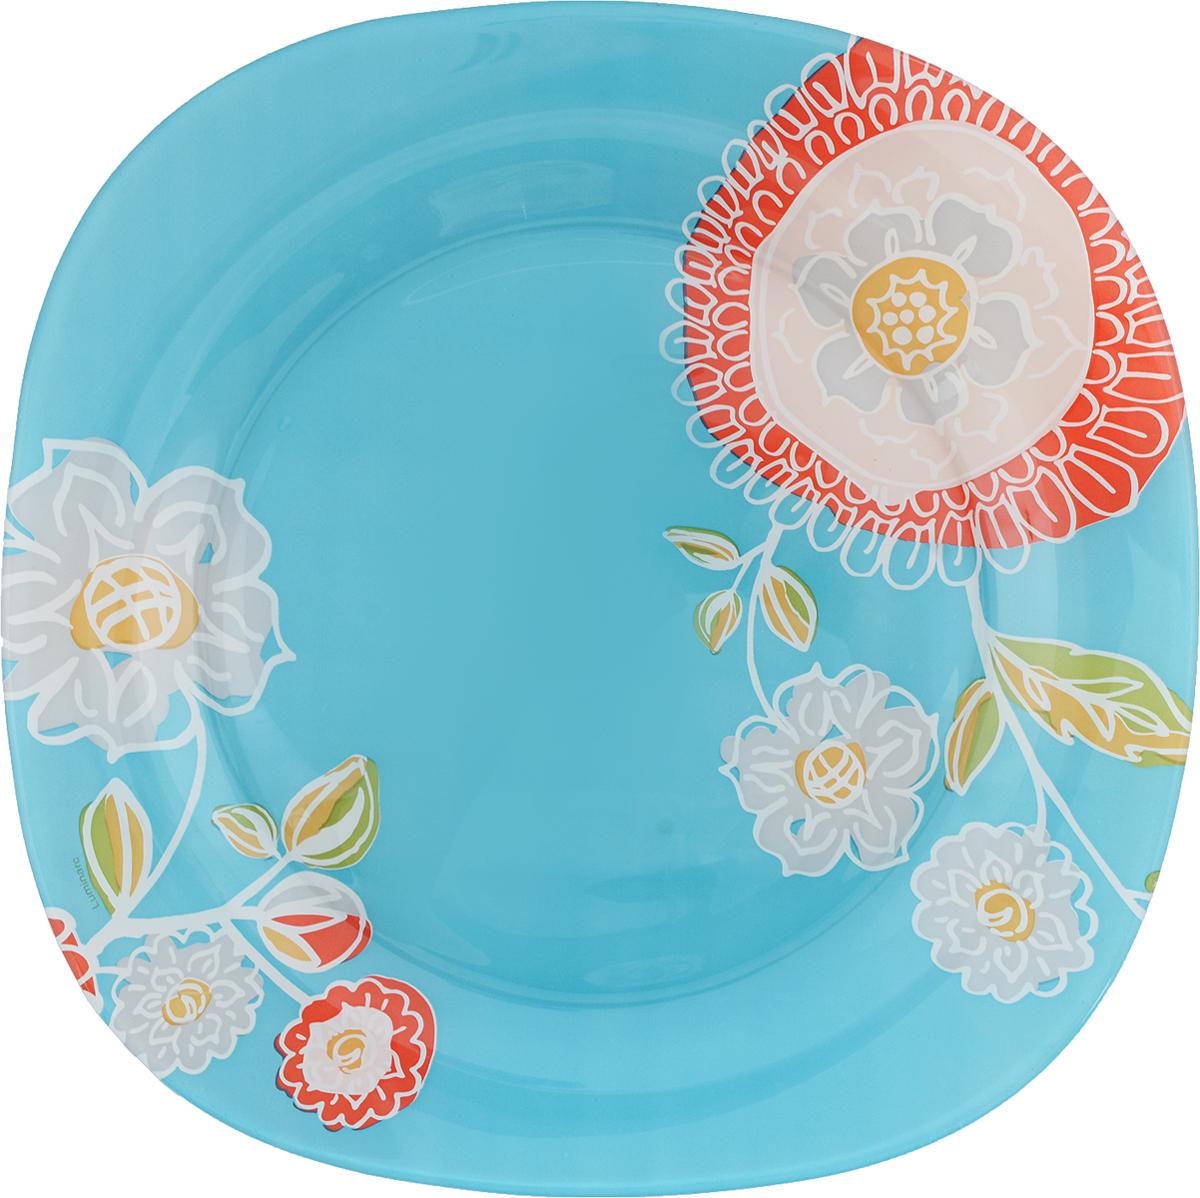 Тарелка обеденная Luminarc Silene Glass, 25 х 25 смJ7555Обеденная тарелка Luminarc Silene Glass изготовлена из высококачественного стекла. Изделие сочетает в себе изысканный дизайн с максимальной функциональностью. Тарелка прекрасно впишется в интерьер вашей кухни и станет достойным дополнением к кухонному инвентарю. Такое изделие не только украсит ваш кухонный стол и подчеркнет прекрасный вкус хозяйки, но и станет отличным подарком. Размер тарелки: 25 х 25 см. Высота тарелки: 1,5 см.